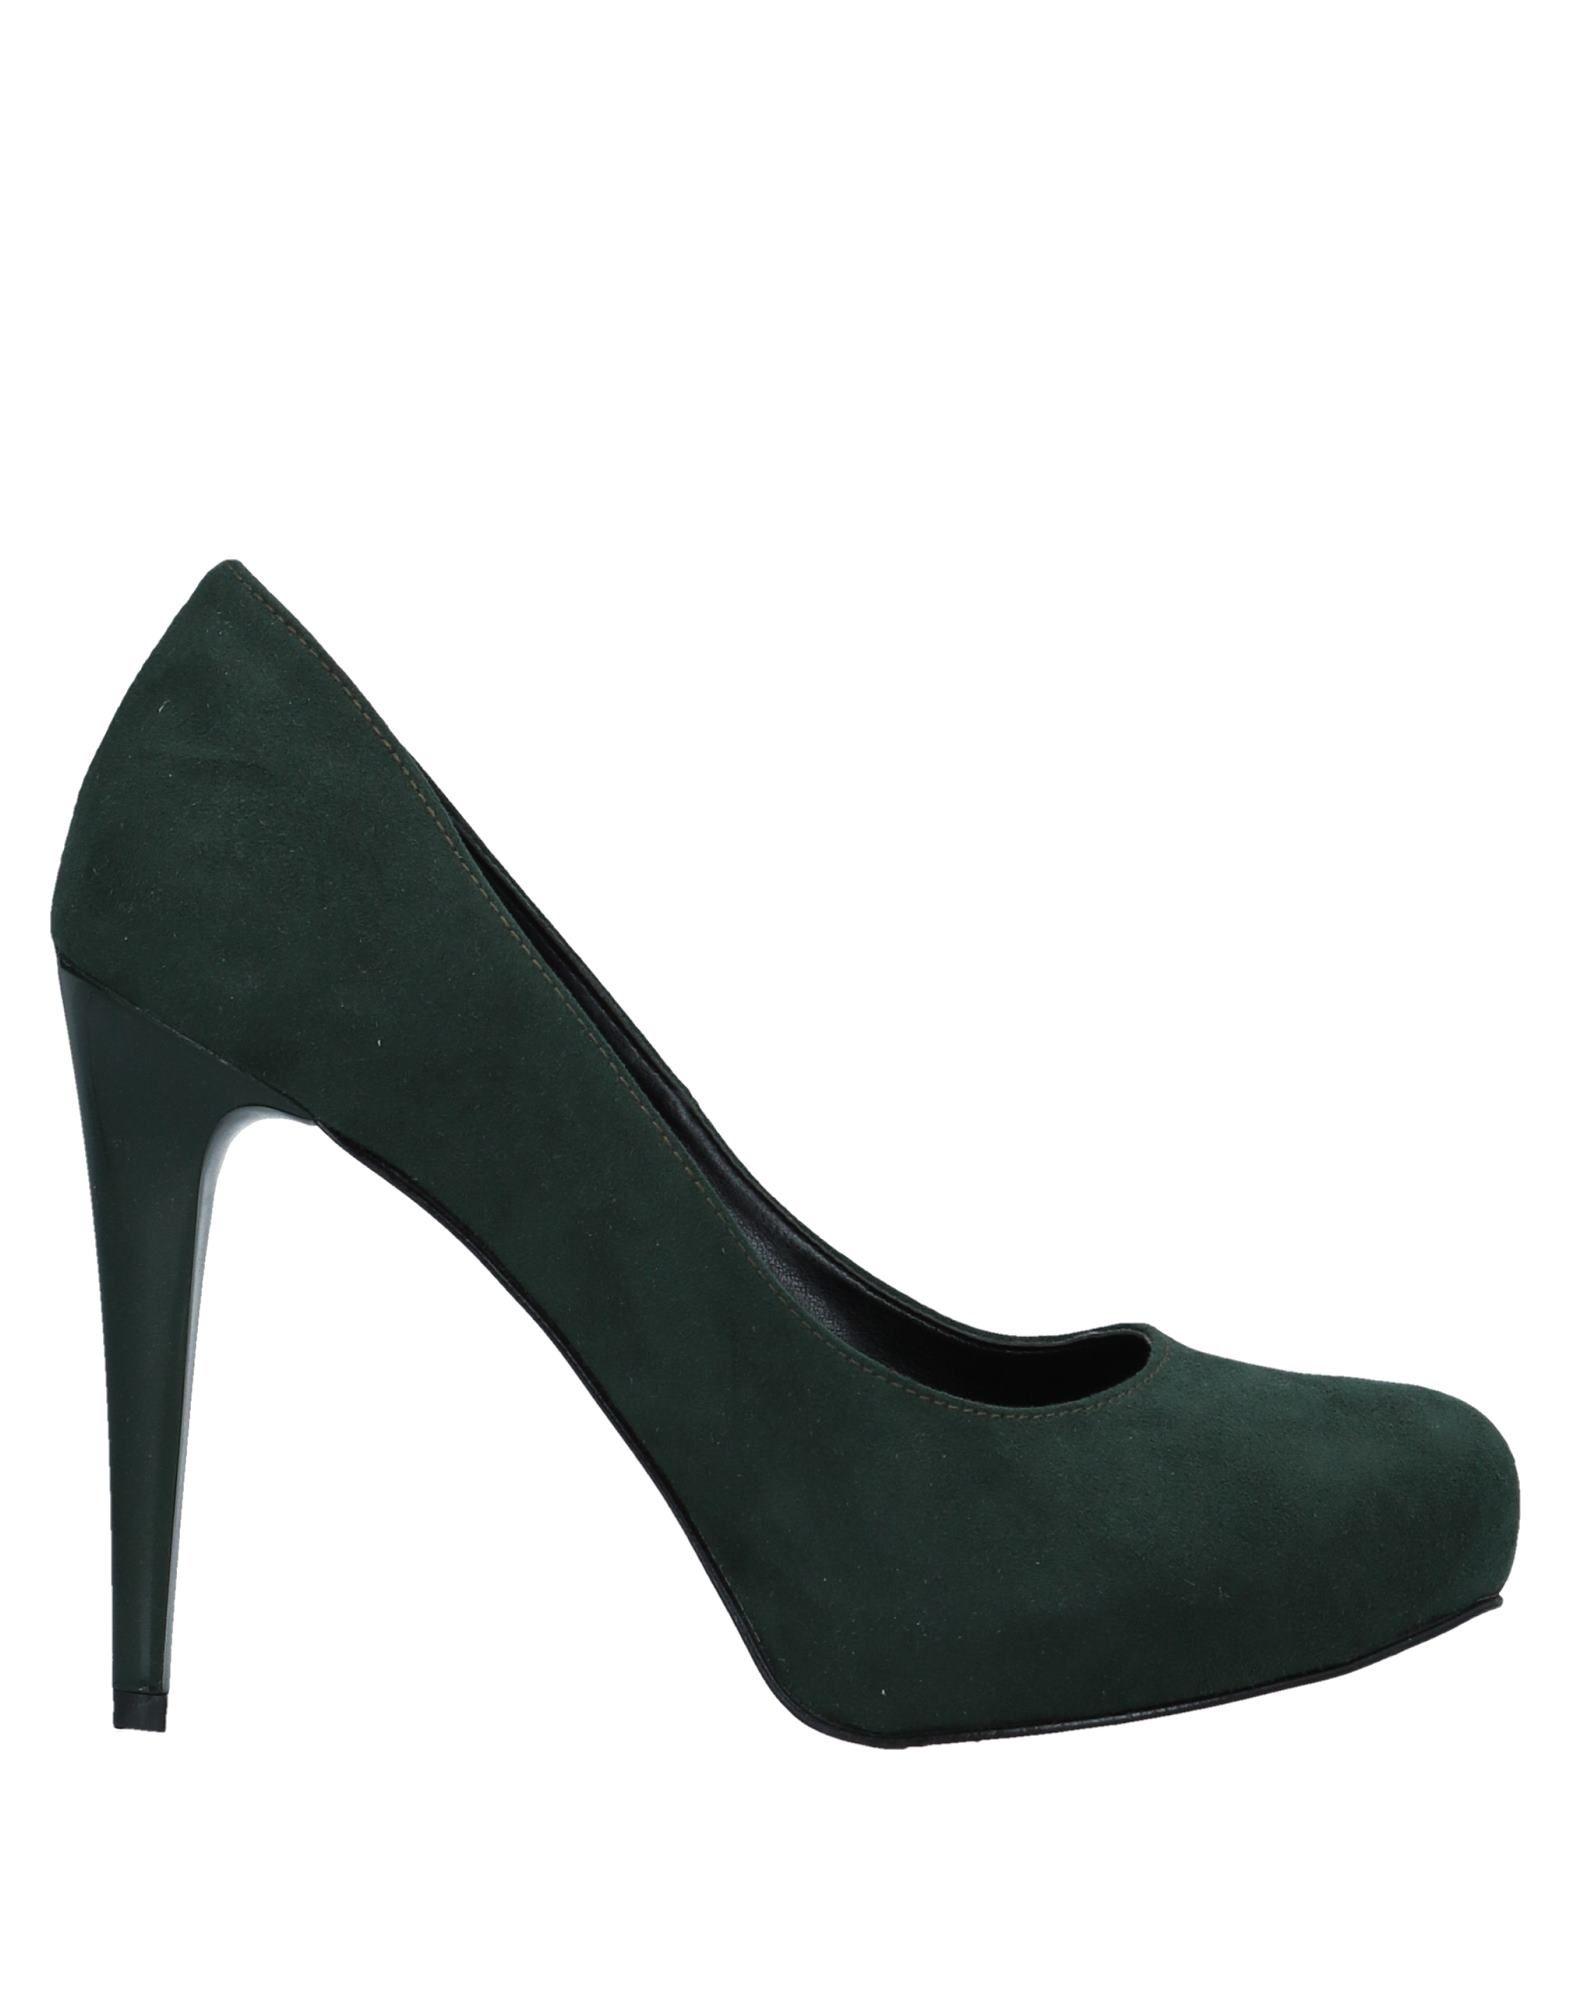 Sandali Valleverde Donna e - 11549171IR Nuove offerte e Donna scarpe comode cc85be